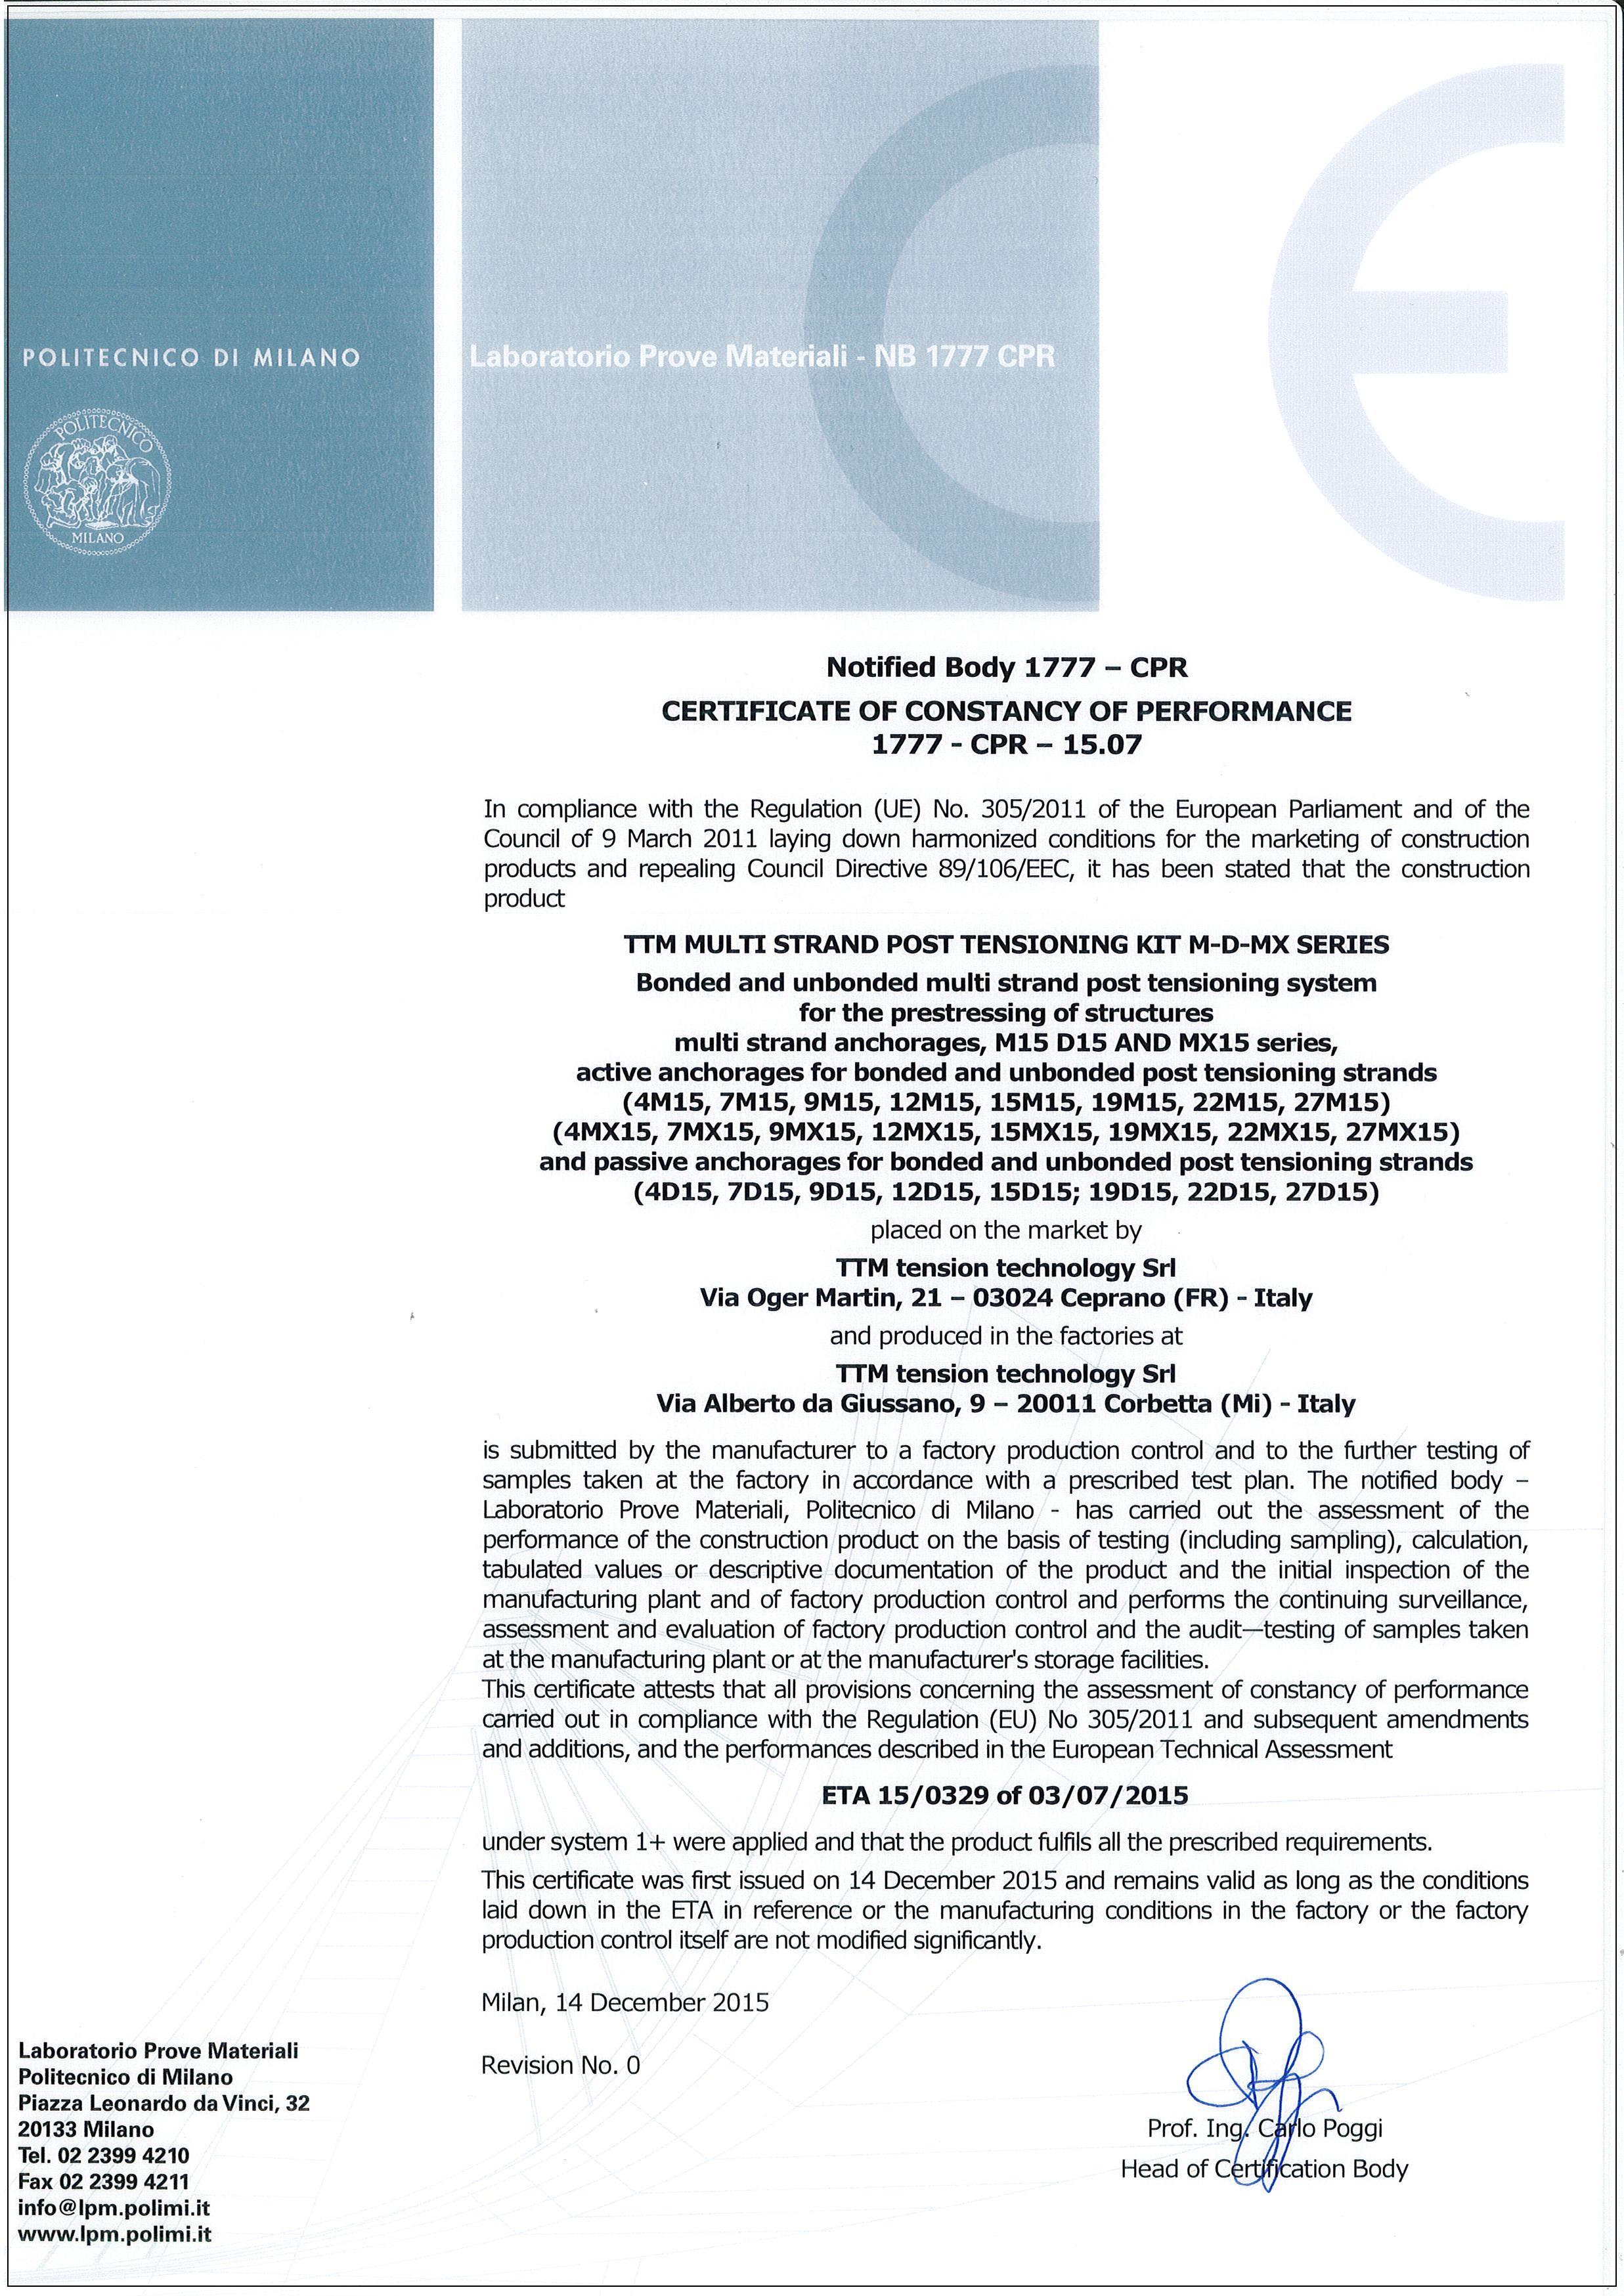 Certificazione CE 1777-CPR-15-07 (ETA 15-0329)